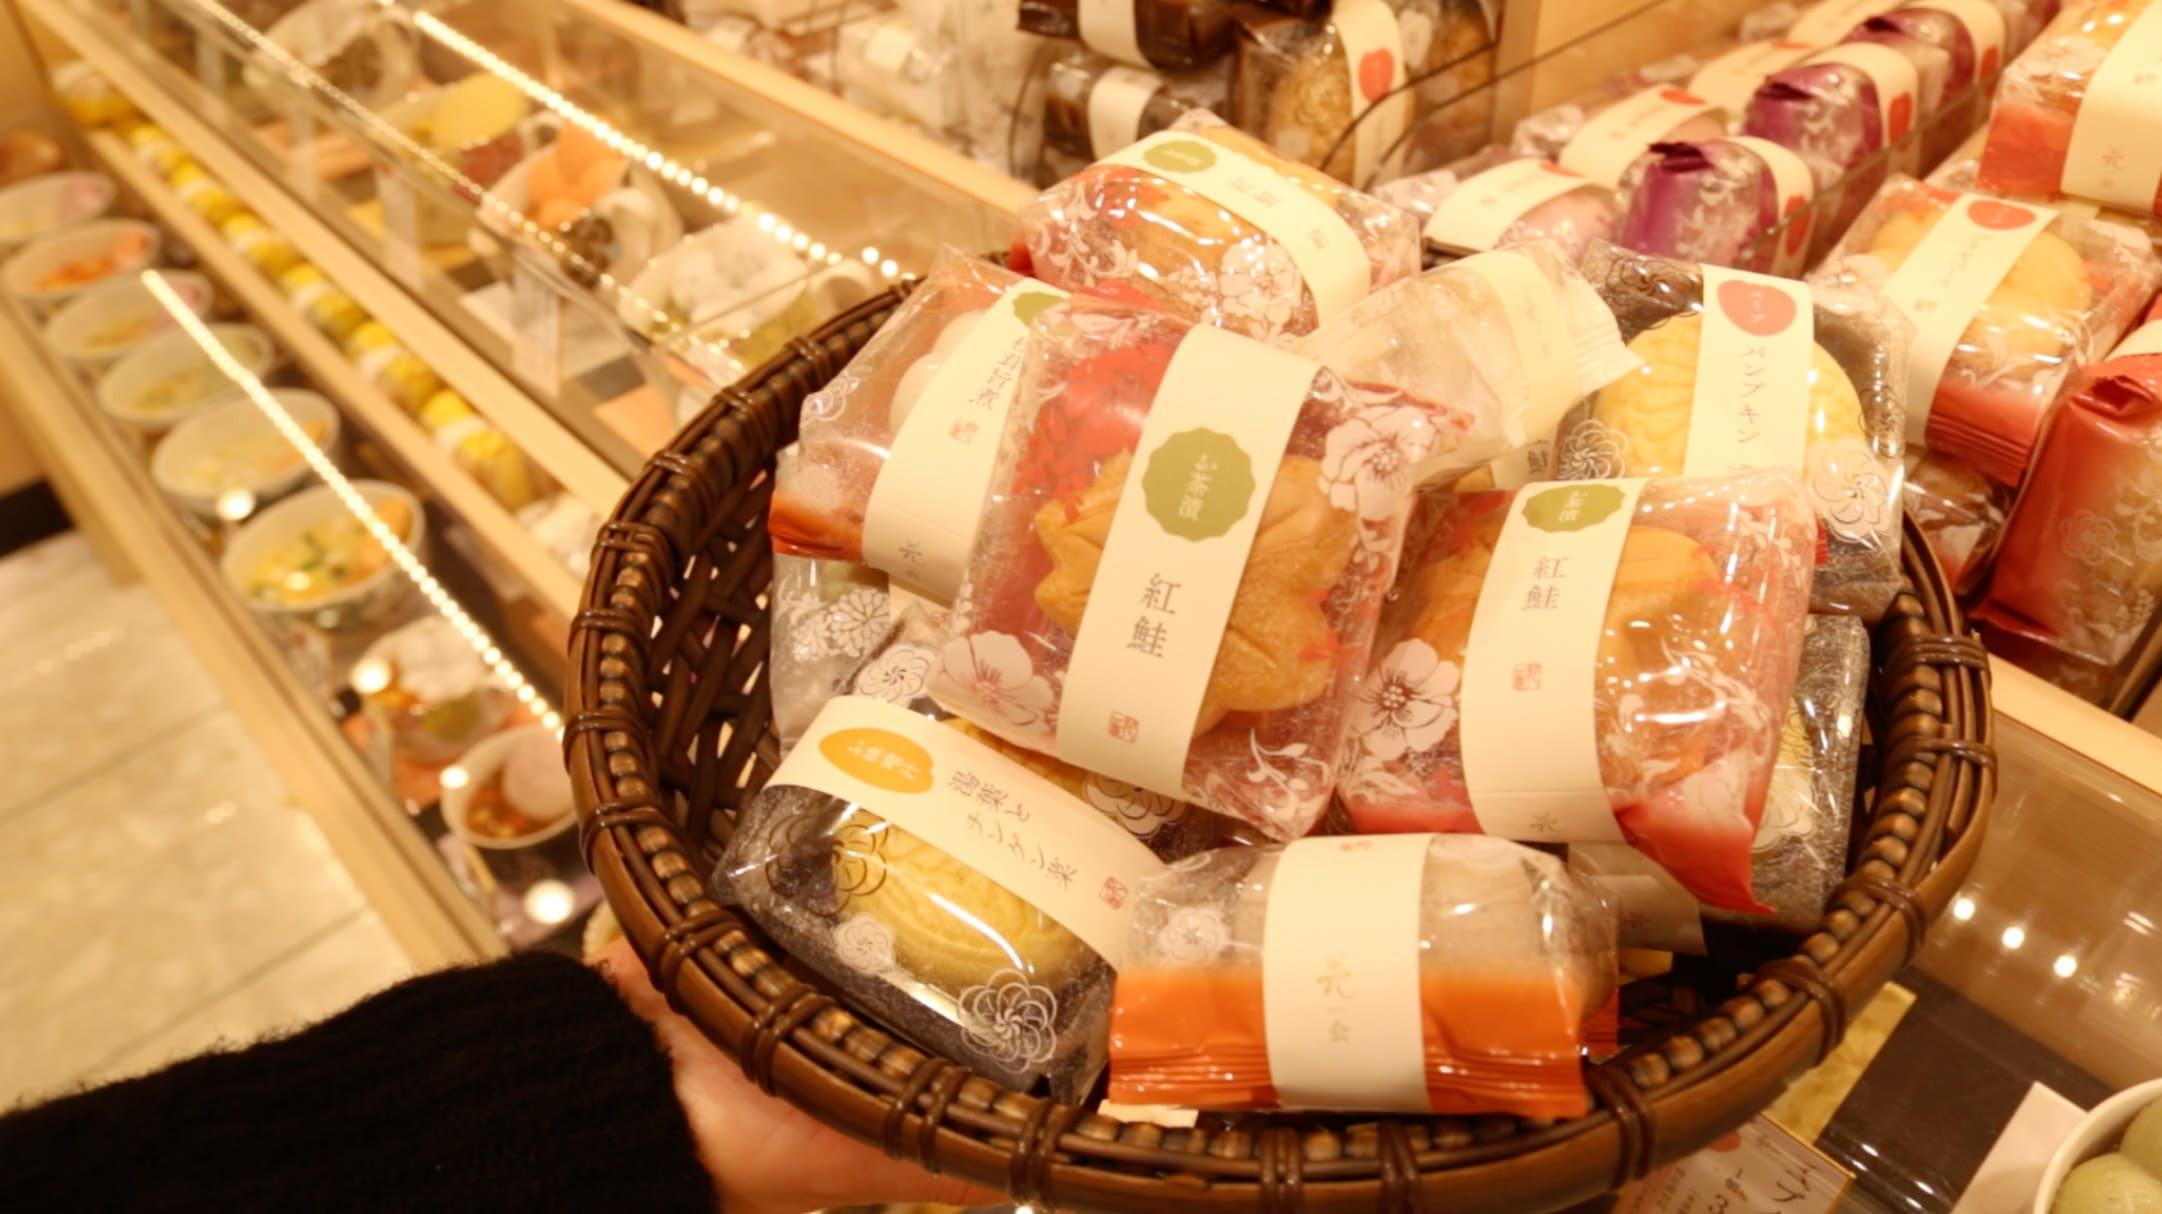 過 百 種 口 味 的 最 中 餅 可 供 選 擇 , 實 在 花 多 眼 亂 !